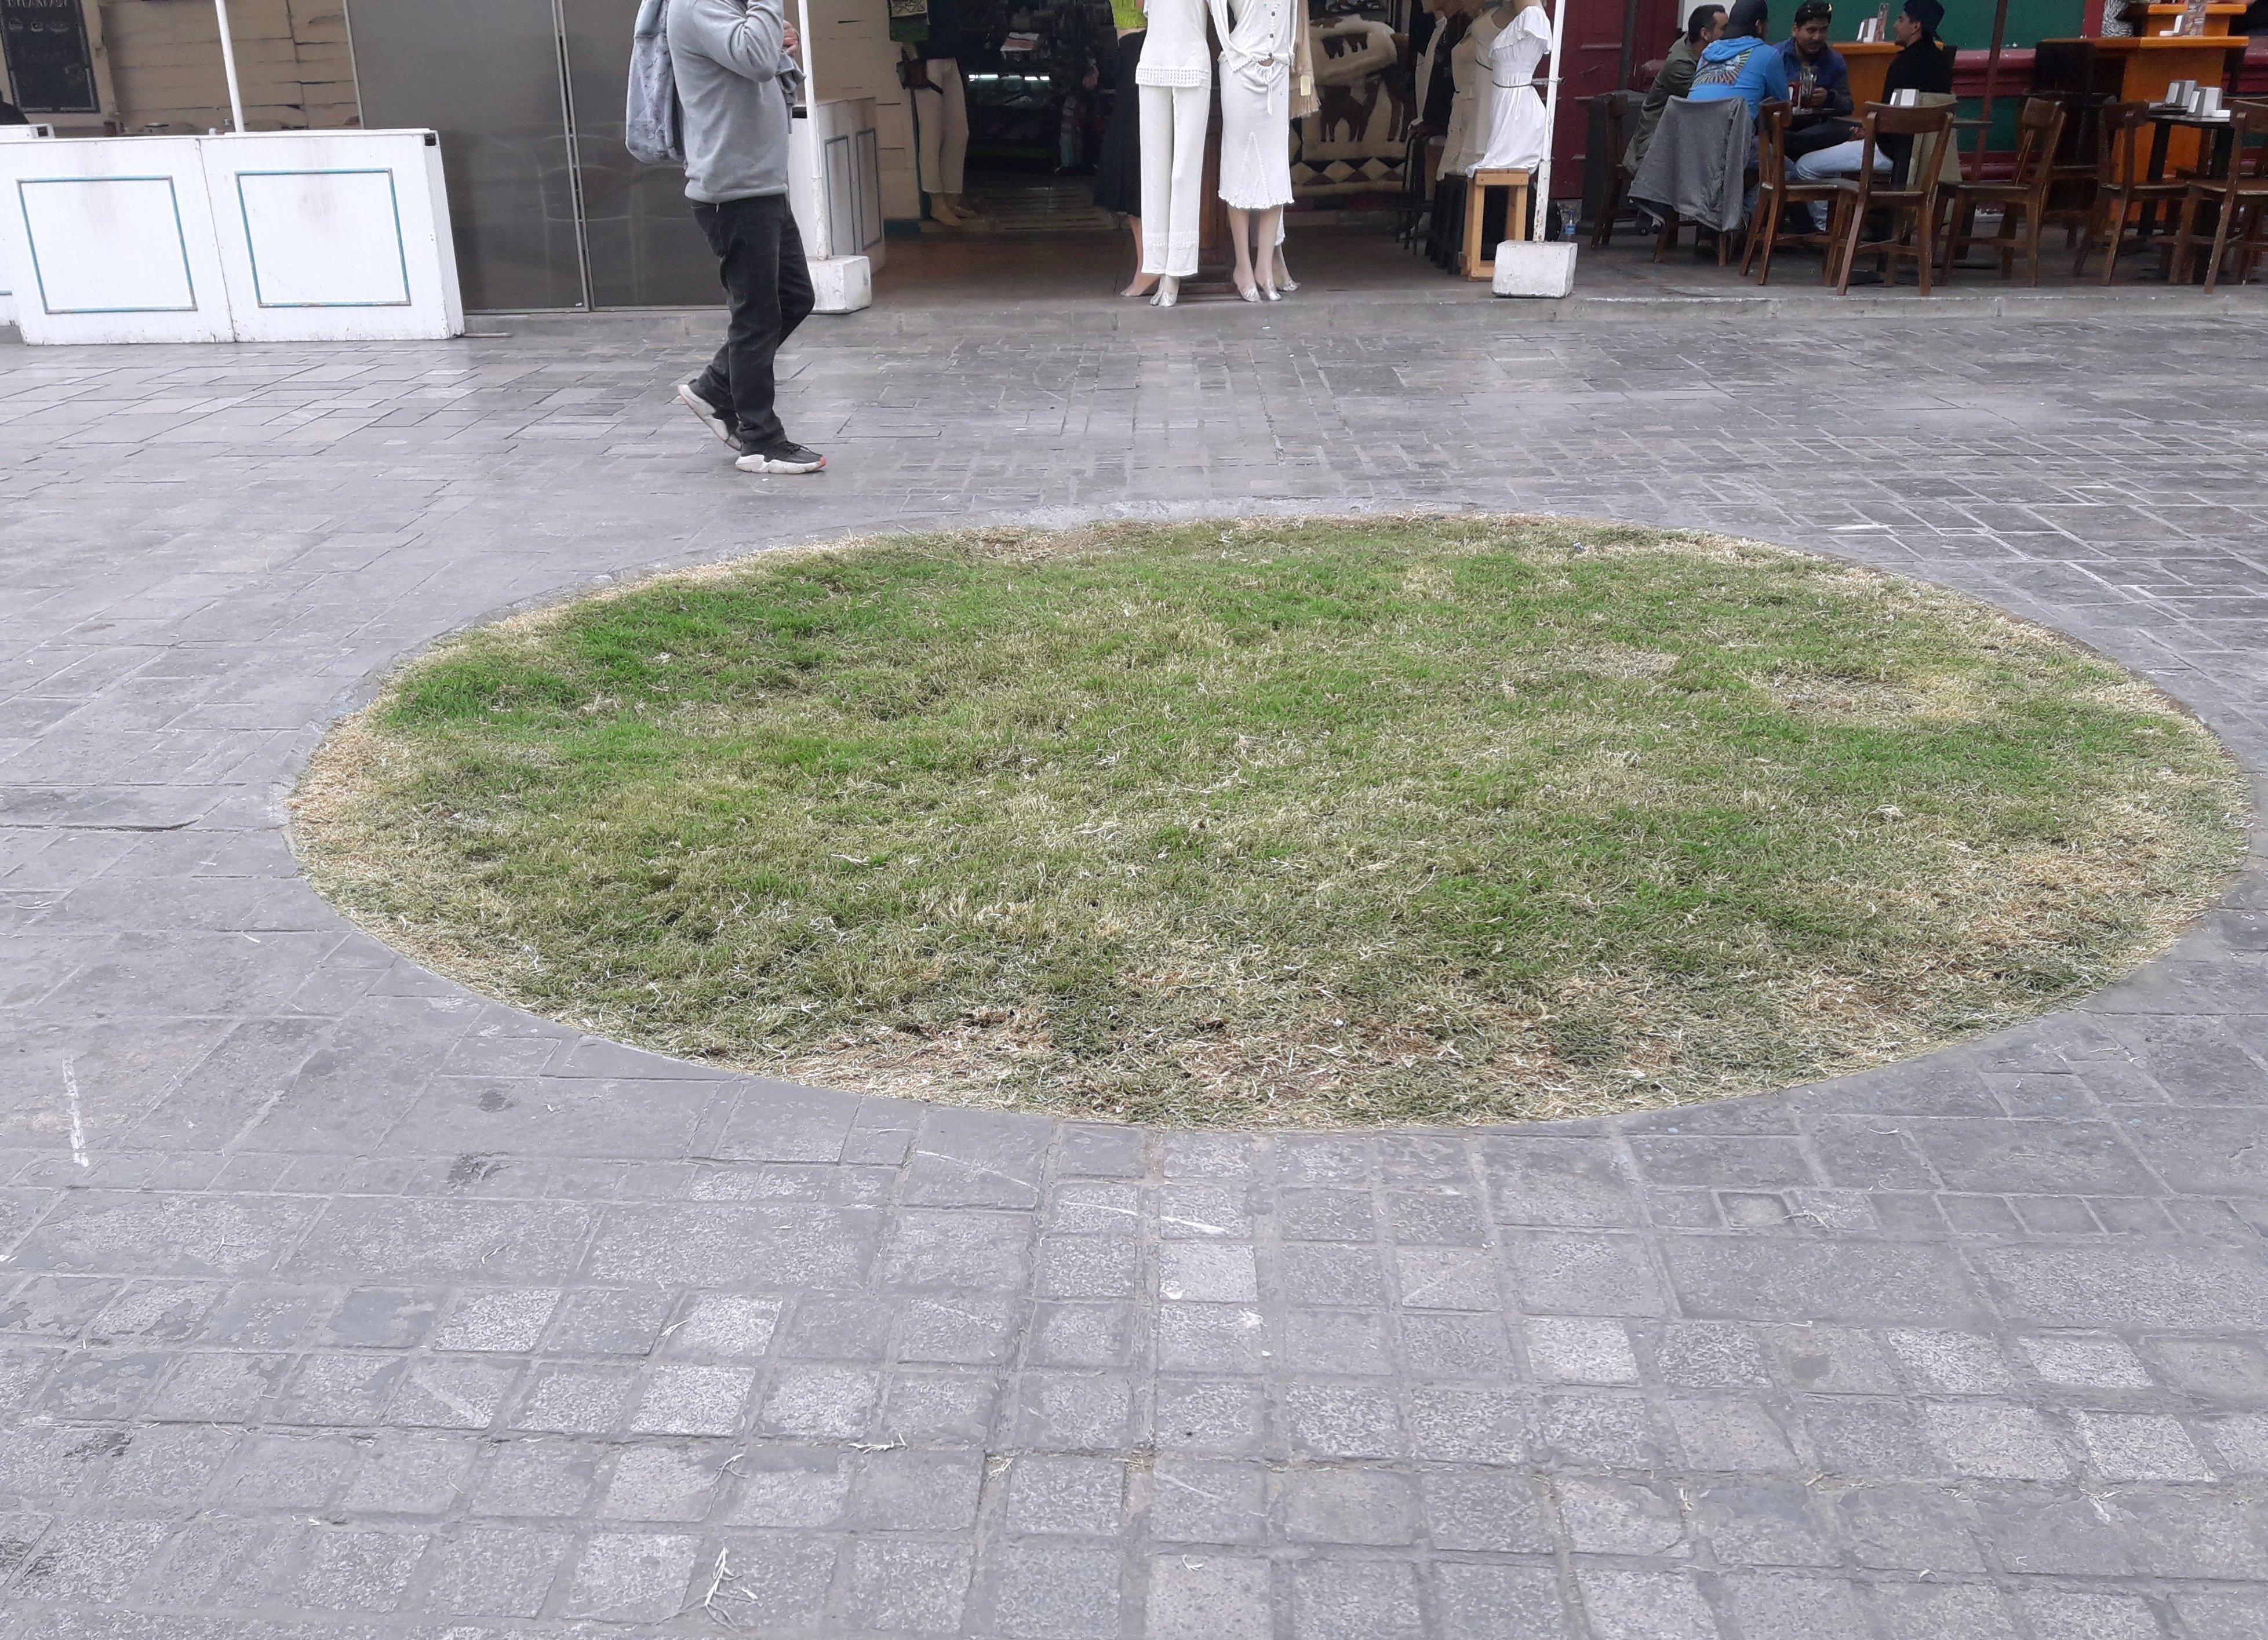 circulo de pasto elevado en medio de una circulación de adoquines